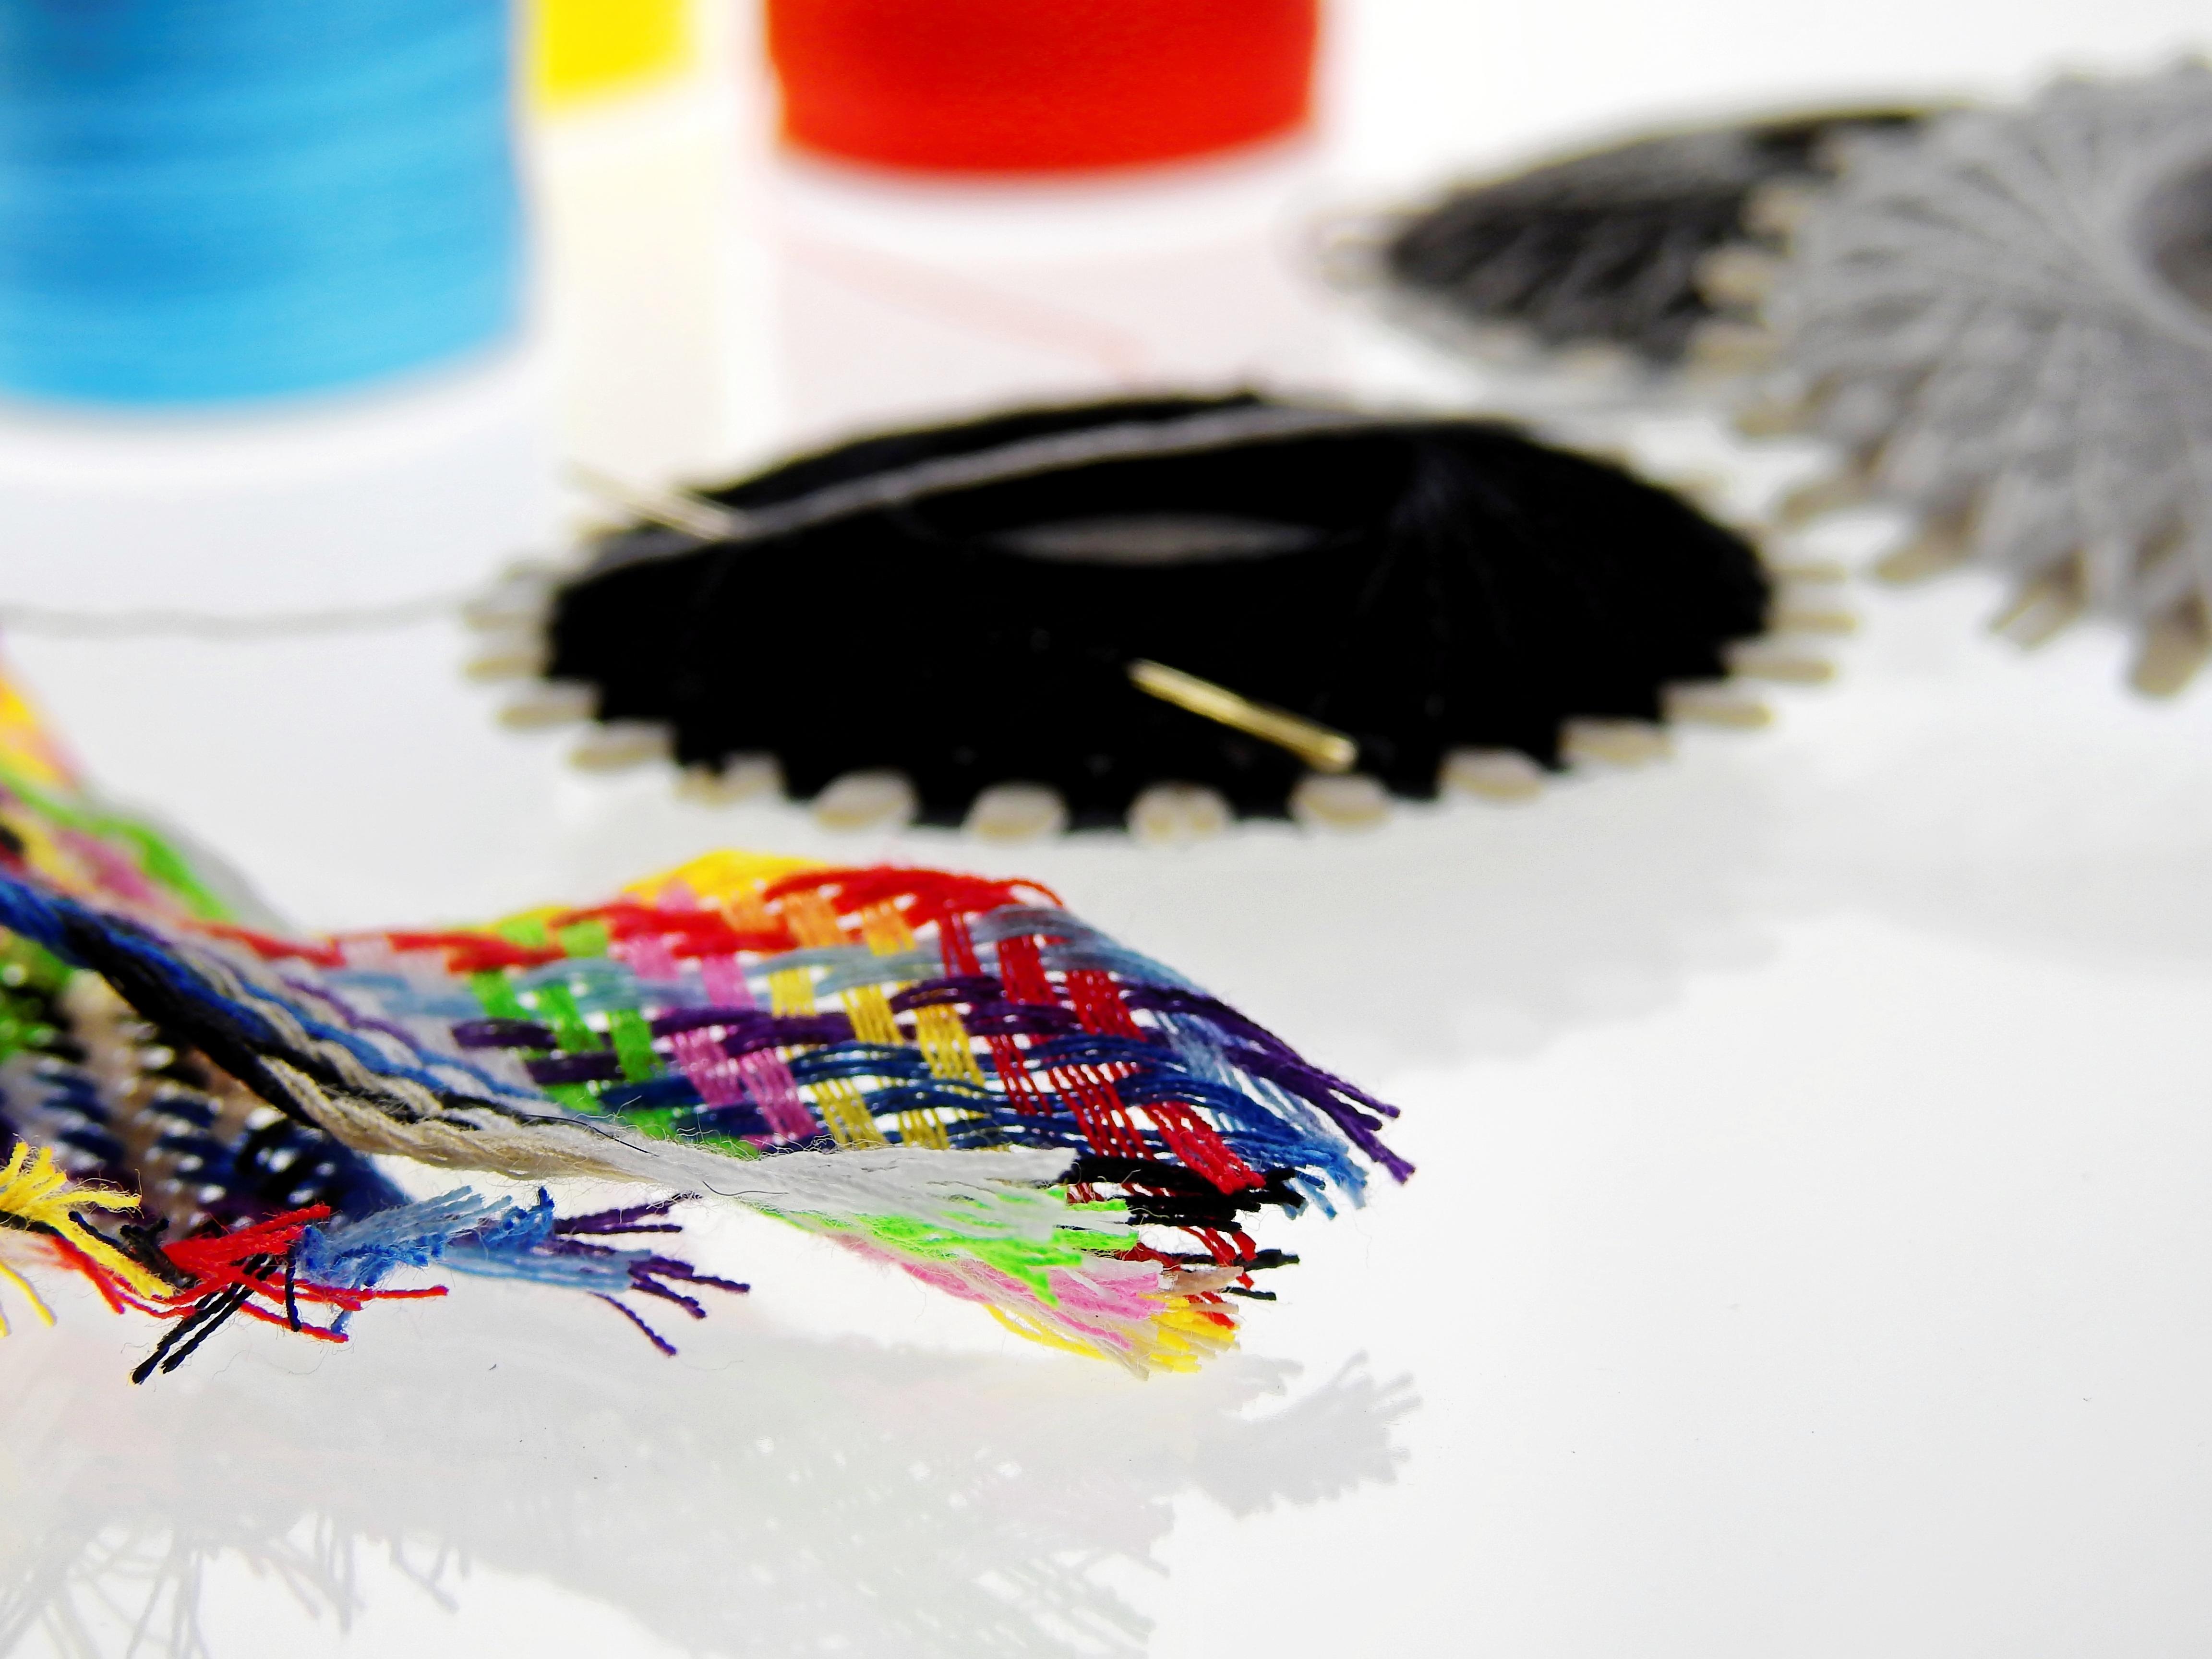 Kostenlose foto : kreativ, Nadel, Flügel, Farbe, Mode, blau, Kunst ...